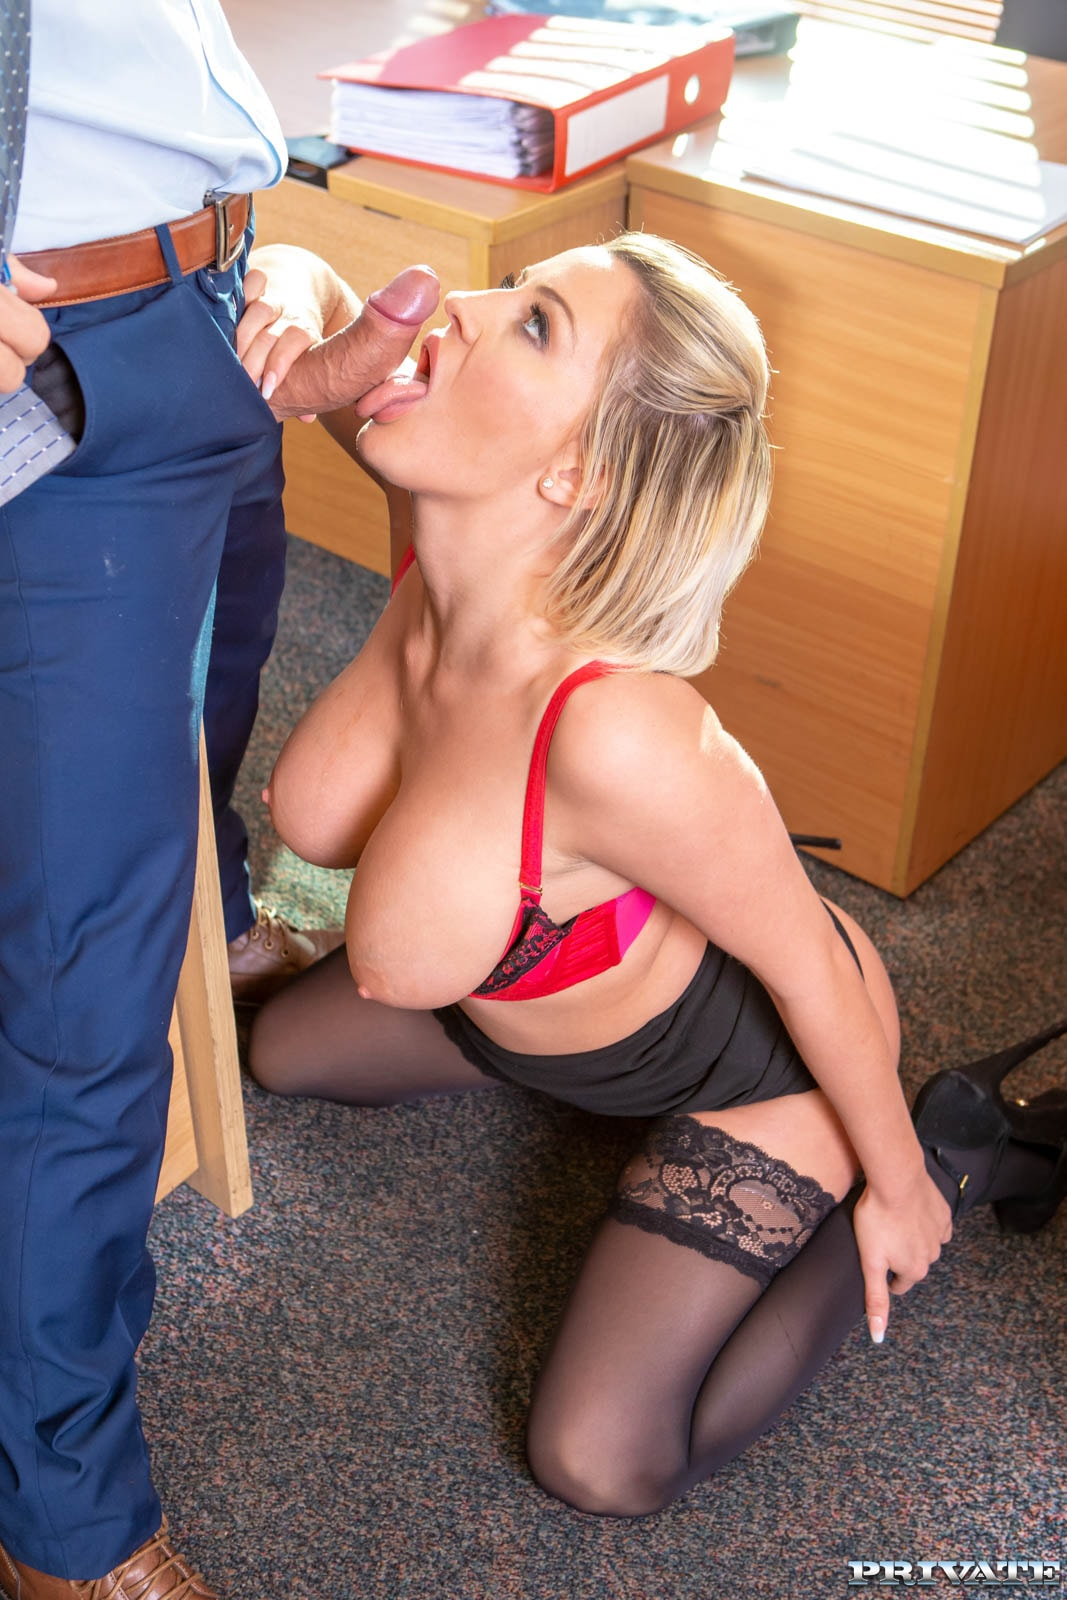 уже жалеть грудастая секретарша соблазнила шефа лесбиянки трахаются прислугой